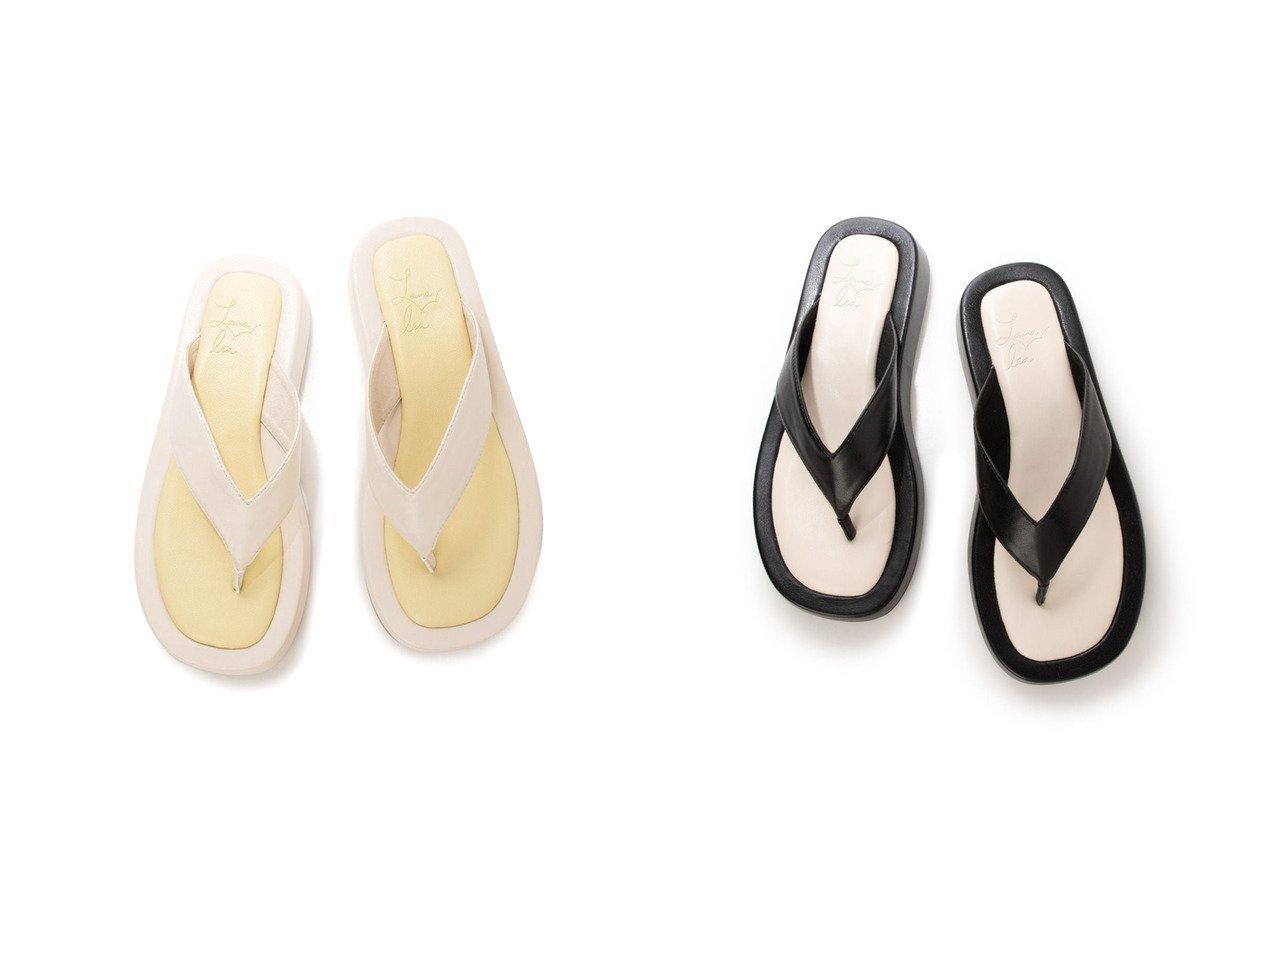 【Launa lea/ラウナレア】のボリュームトングサンダル 【シューズ・靴】おすすめ!人気、トレンド・レディースファッションの通販 おすすめで人気の流行・トレンド、ファッションの通販商品 インテリア・家具・メンズファッション・キッズファッション・レディースファッション・服の通販 founy(ファニー) https://founy.com/ ファッション Fashion レディースファッション WOMEN インソール 厚底 春 Spring クッション 今季 抗菌 サンダル トレンド メッシュ リラックス 2021年 2021 S/S・春夏 SS・Spring/Summer 2021春夏・S/S SS/Spring/Summer/2021 |ID:crp329100000045536